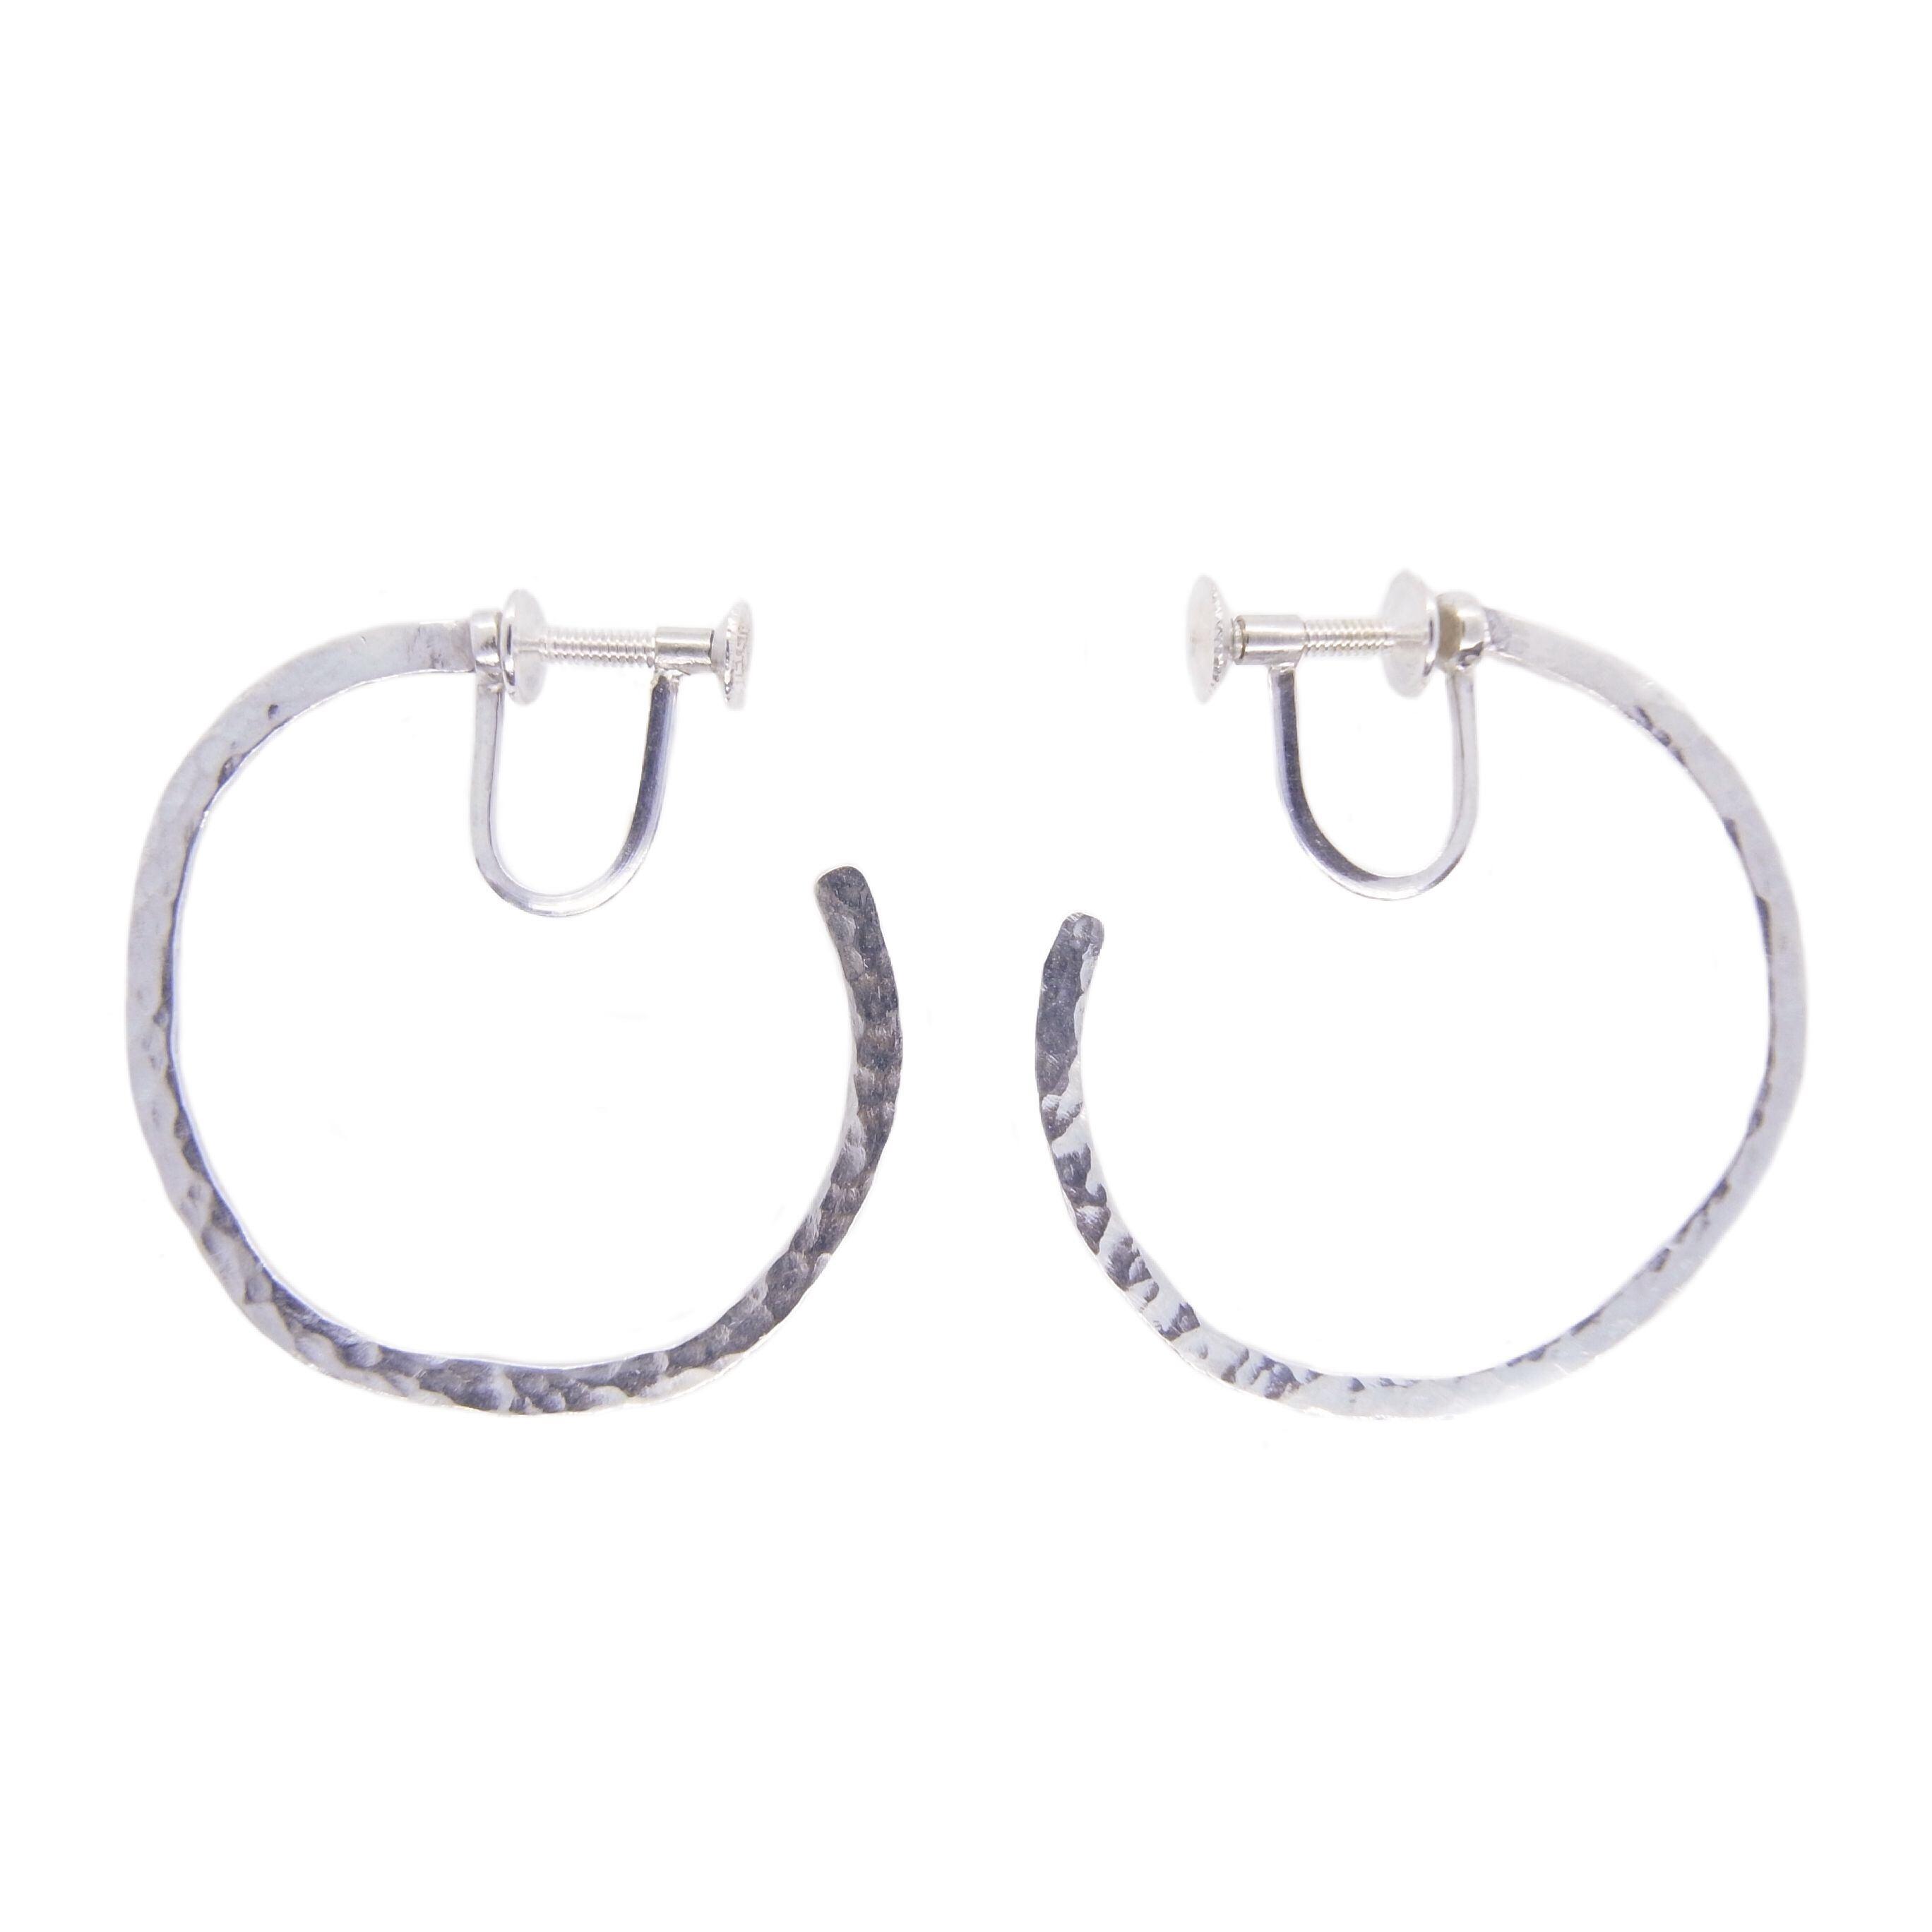 Leopard hoop earrings